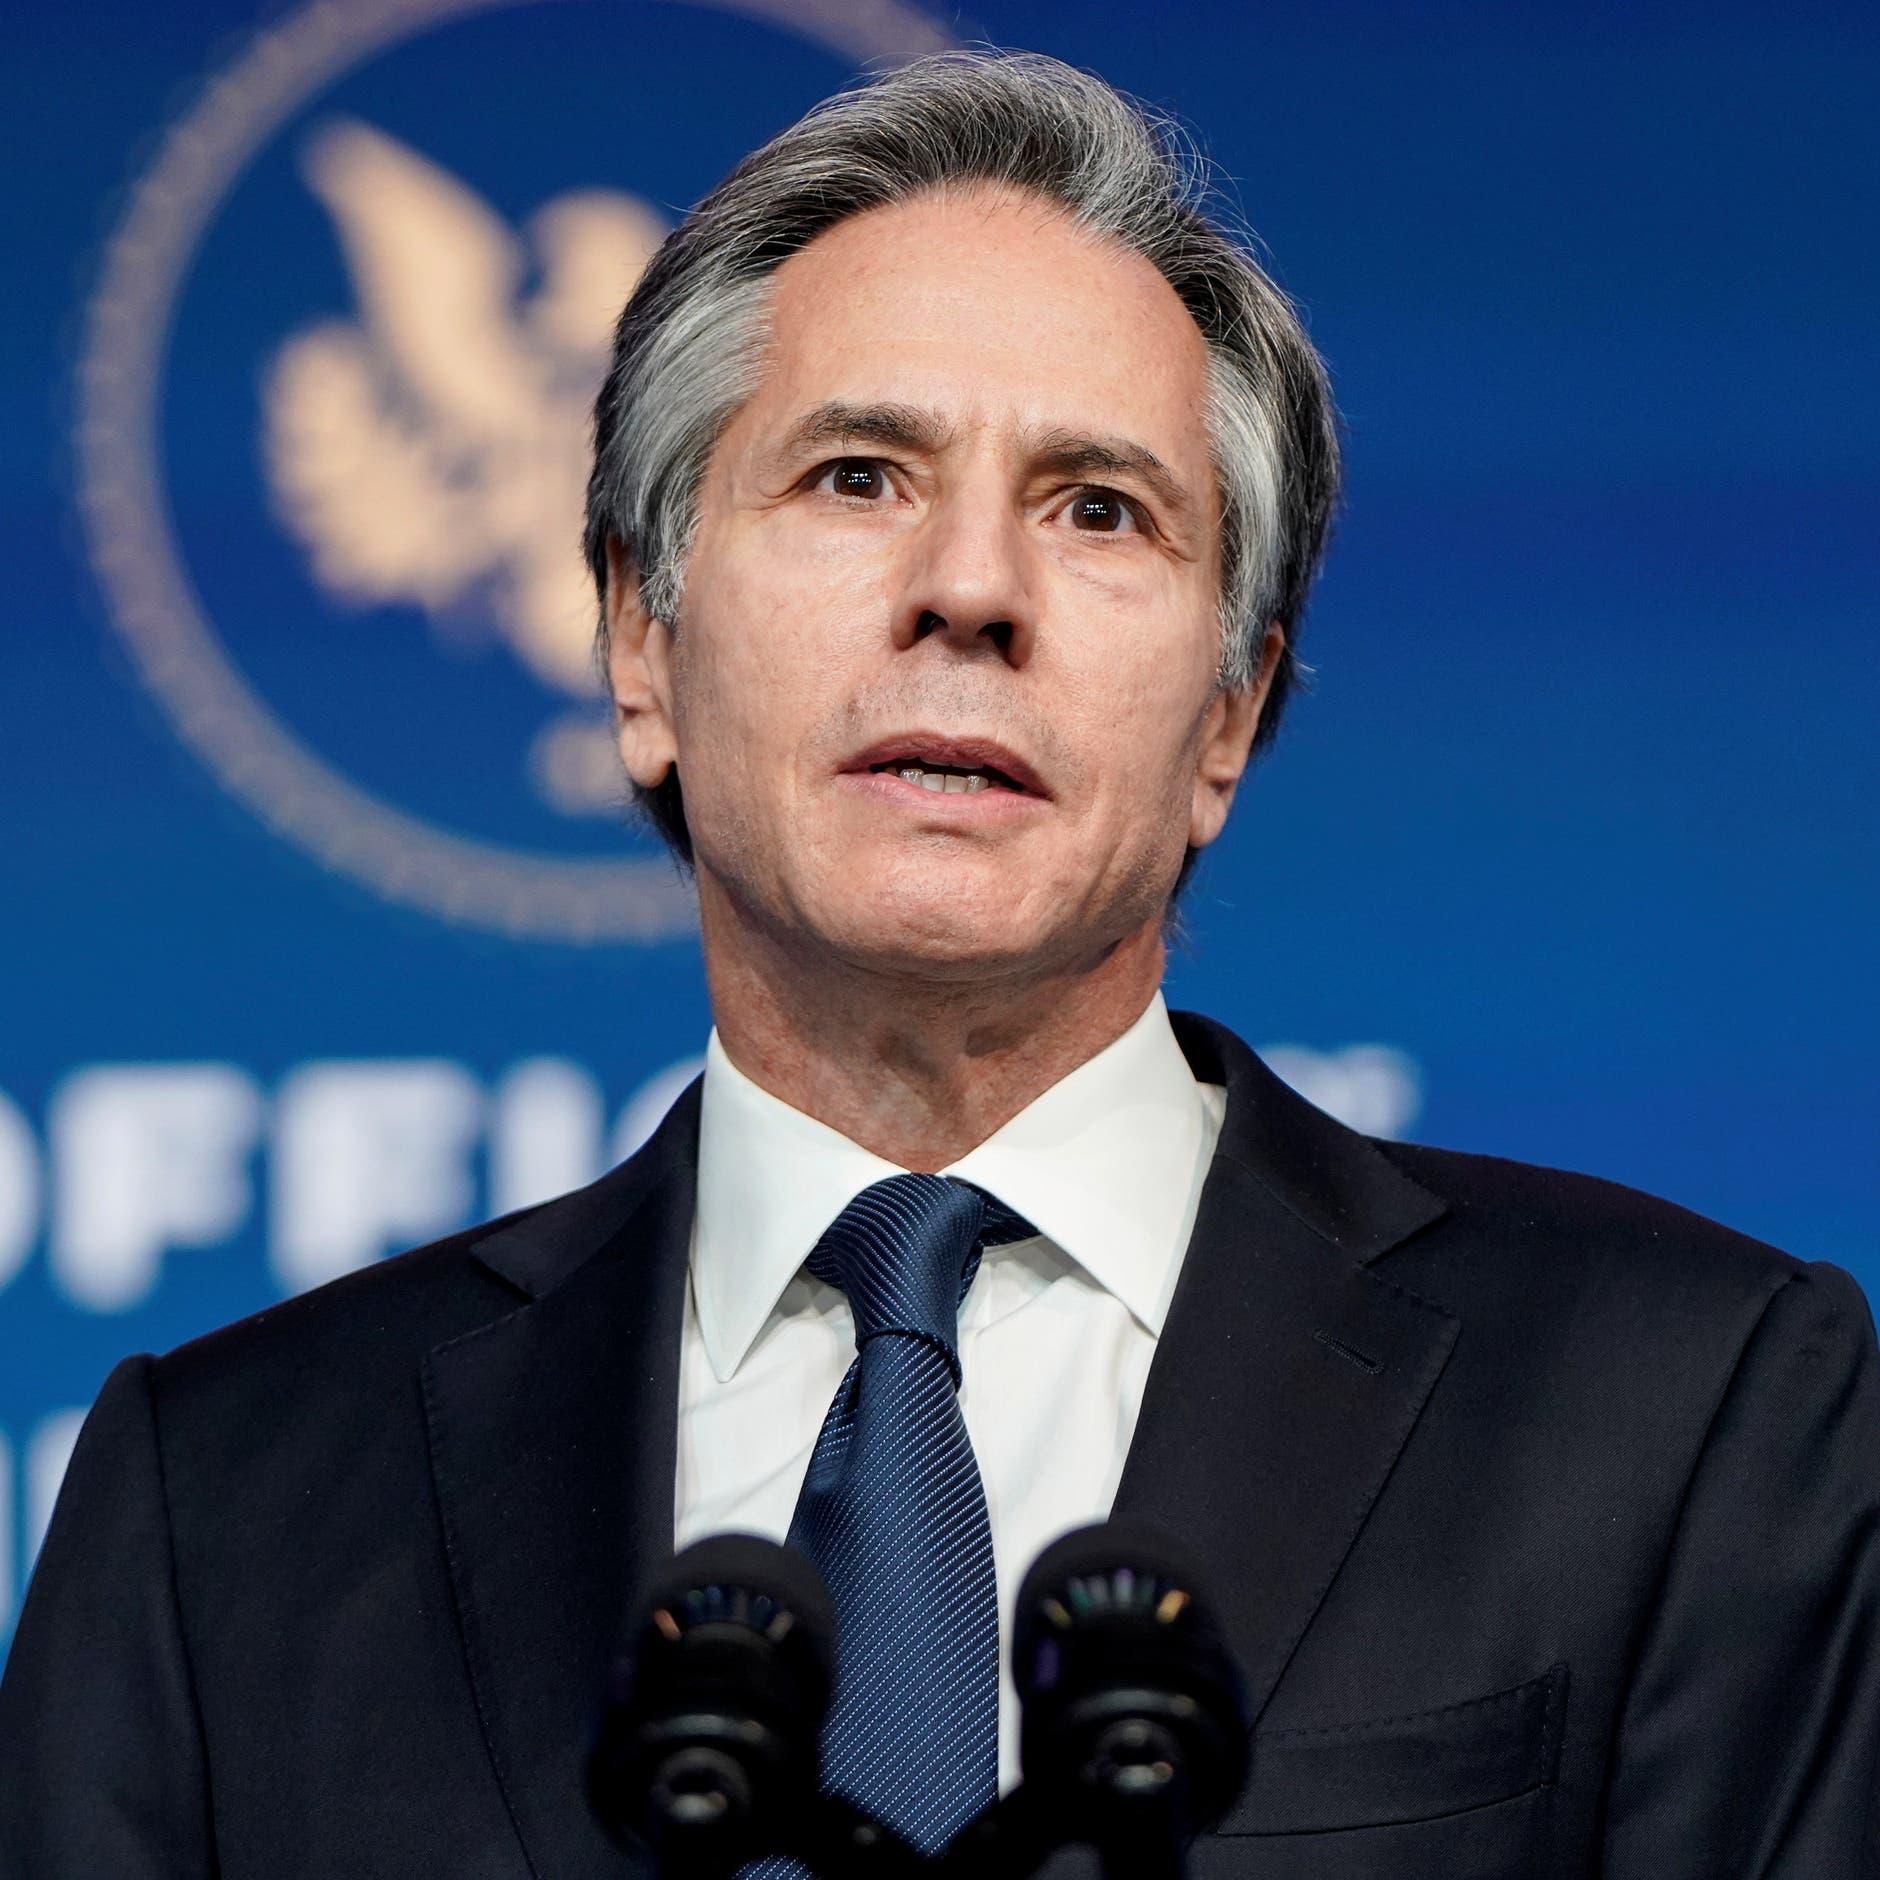 وزير خارجية أميركا: لن نخذل قواتنا وحلفاءنا في الخارج